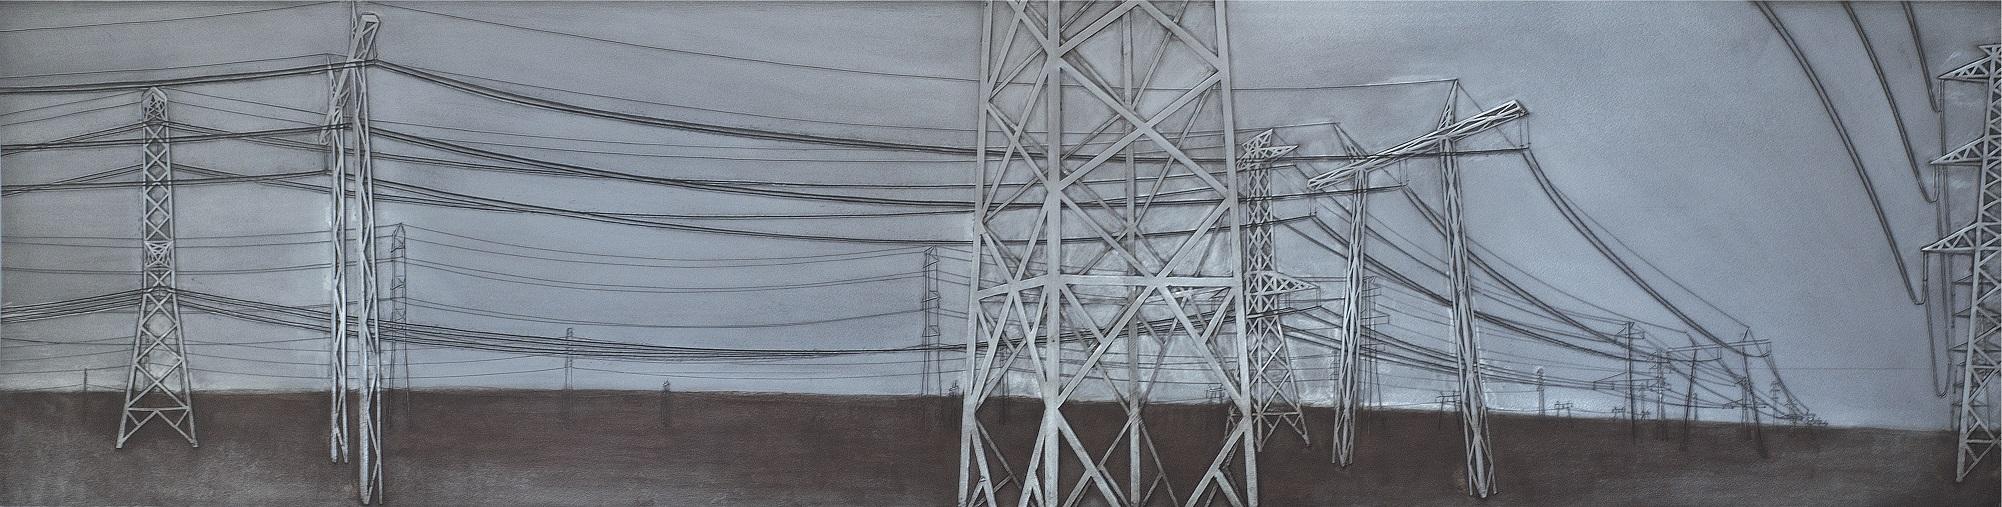 NÉMETH MARCELL  (1982):  Tájkép  I. 2010,  Vaslemez    50 × 200 ×  0,4  cm